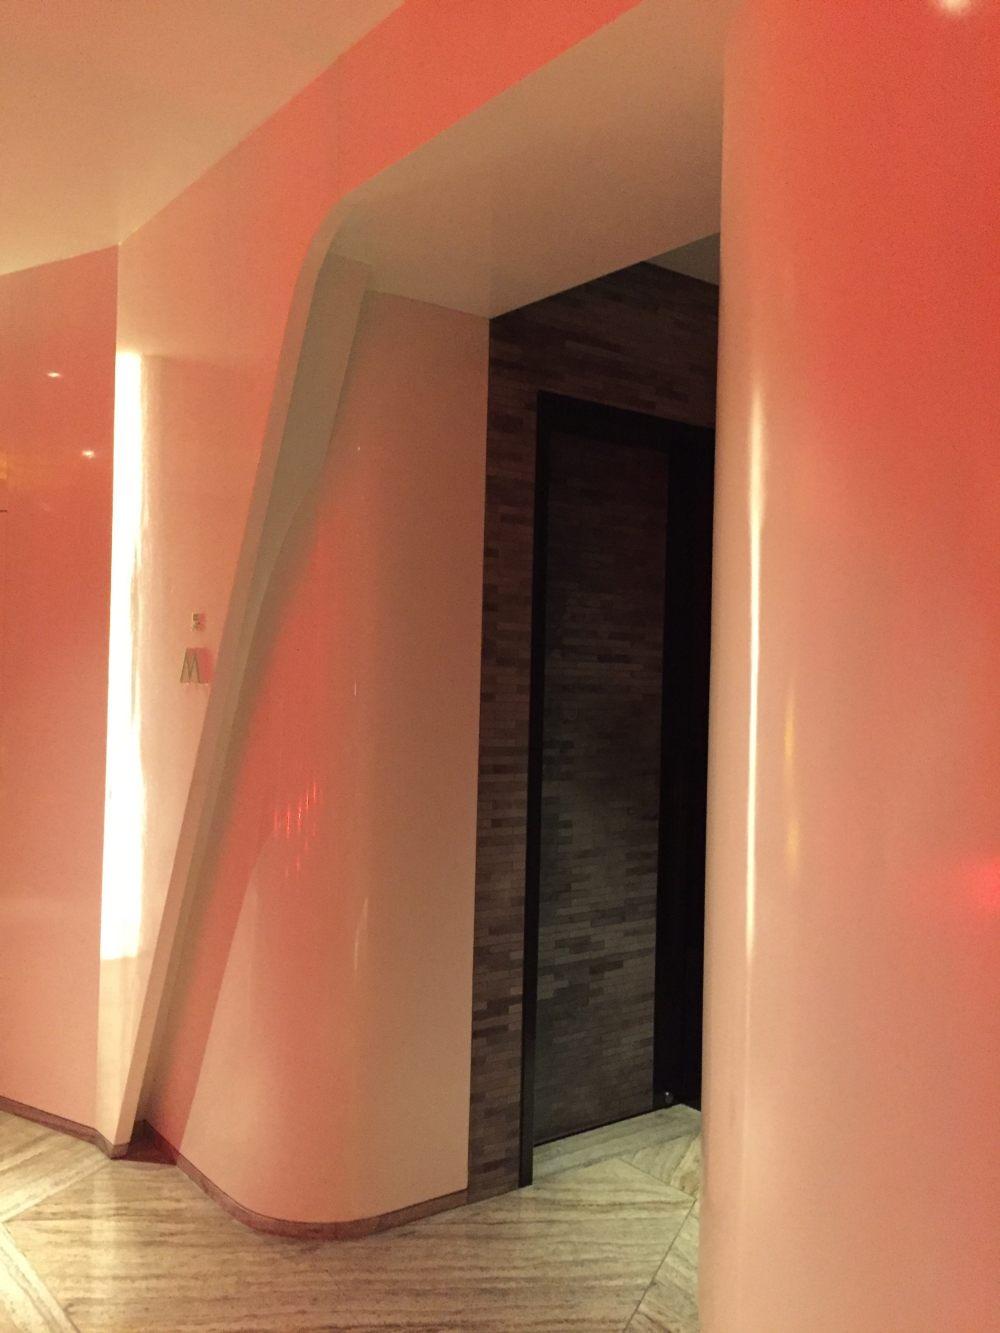 上海外滩W酒店,史上最全入住体验 自拍分享,申请置...._IMG_5915.JPG